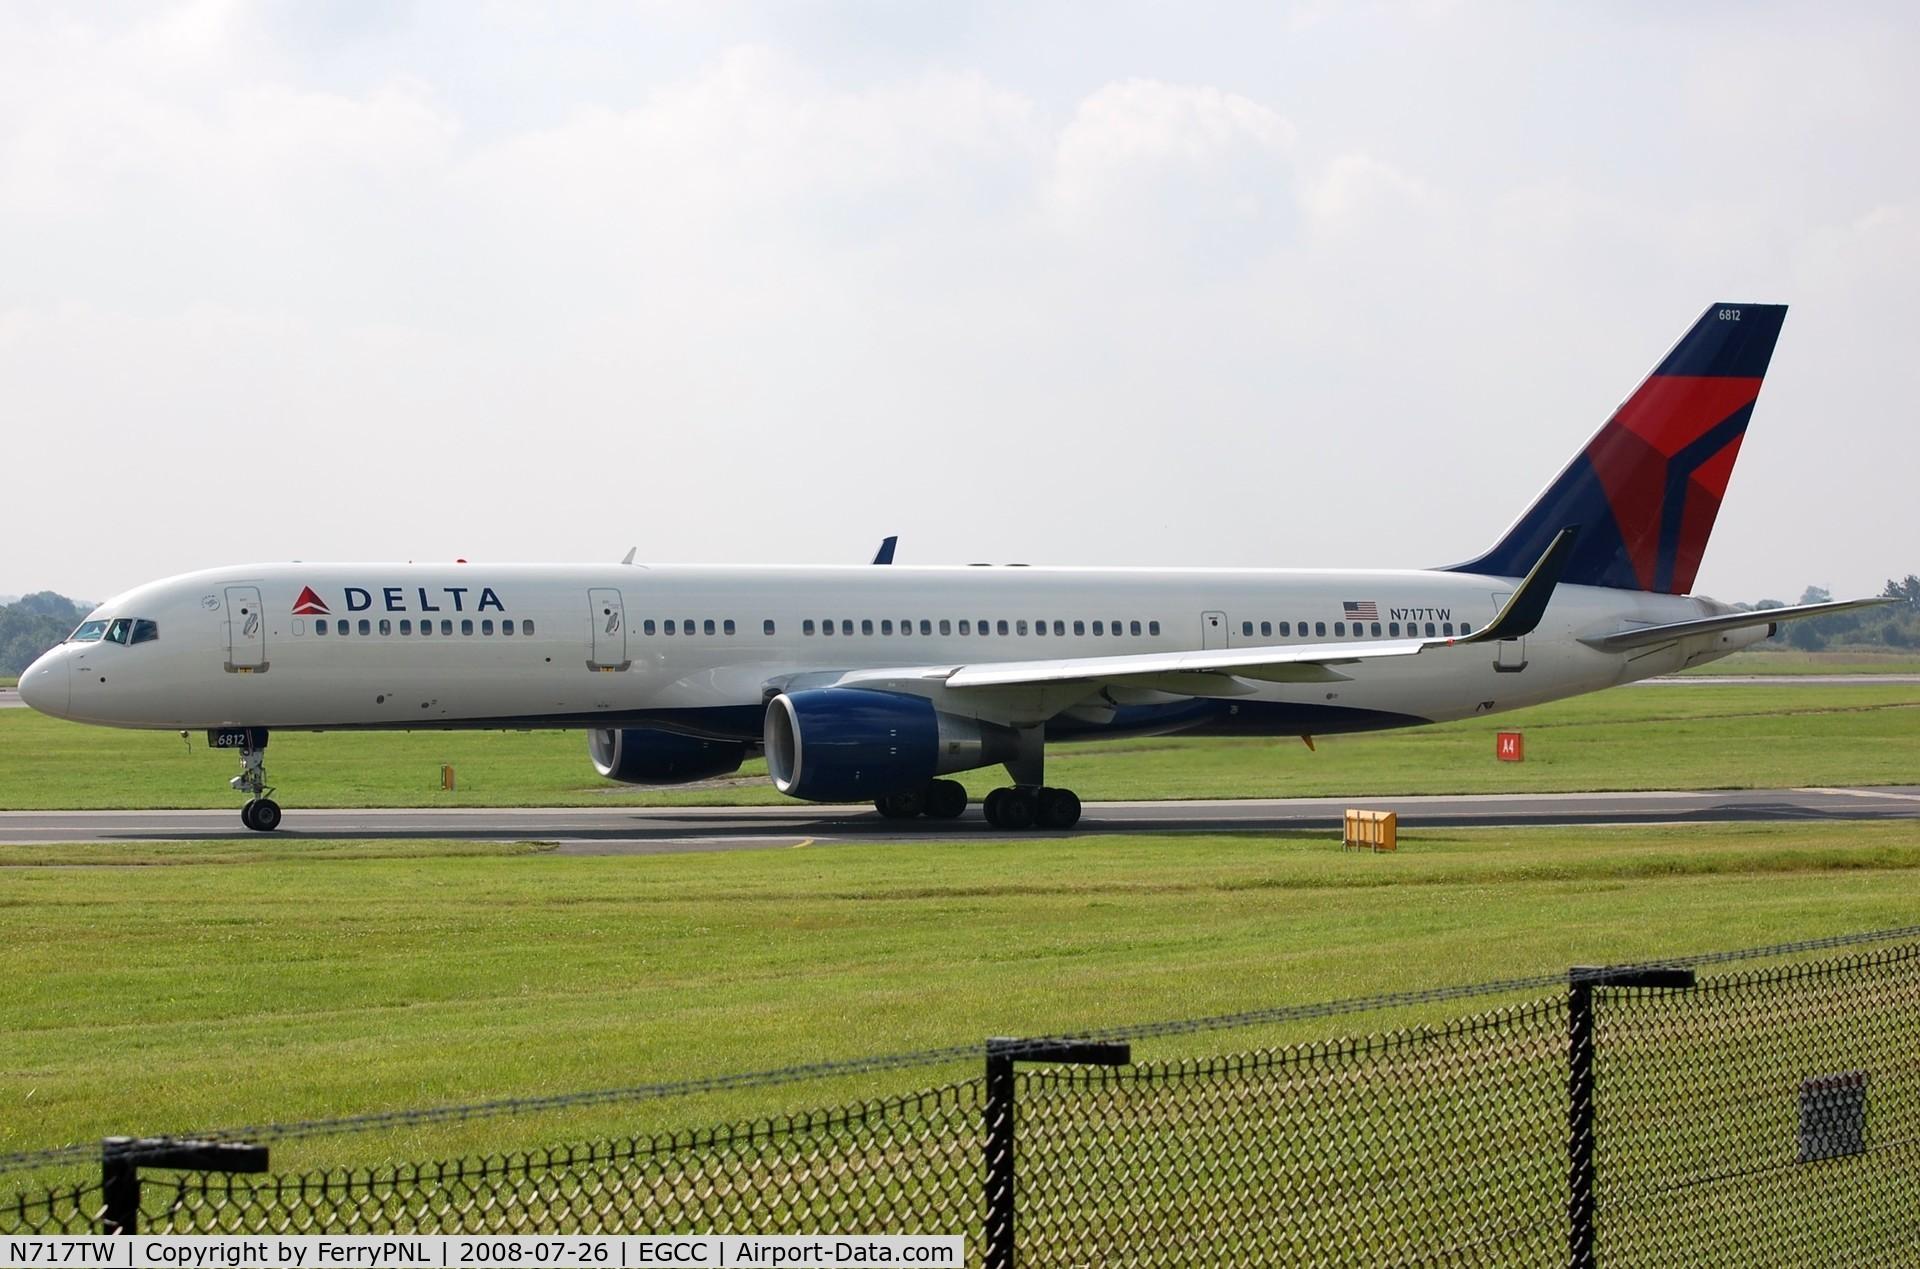 N717TW, 1999 Boeing 757-231 C/N 28485, Delta B752 taxying in